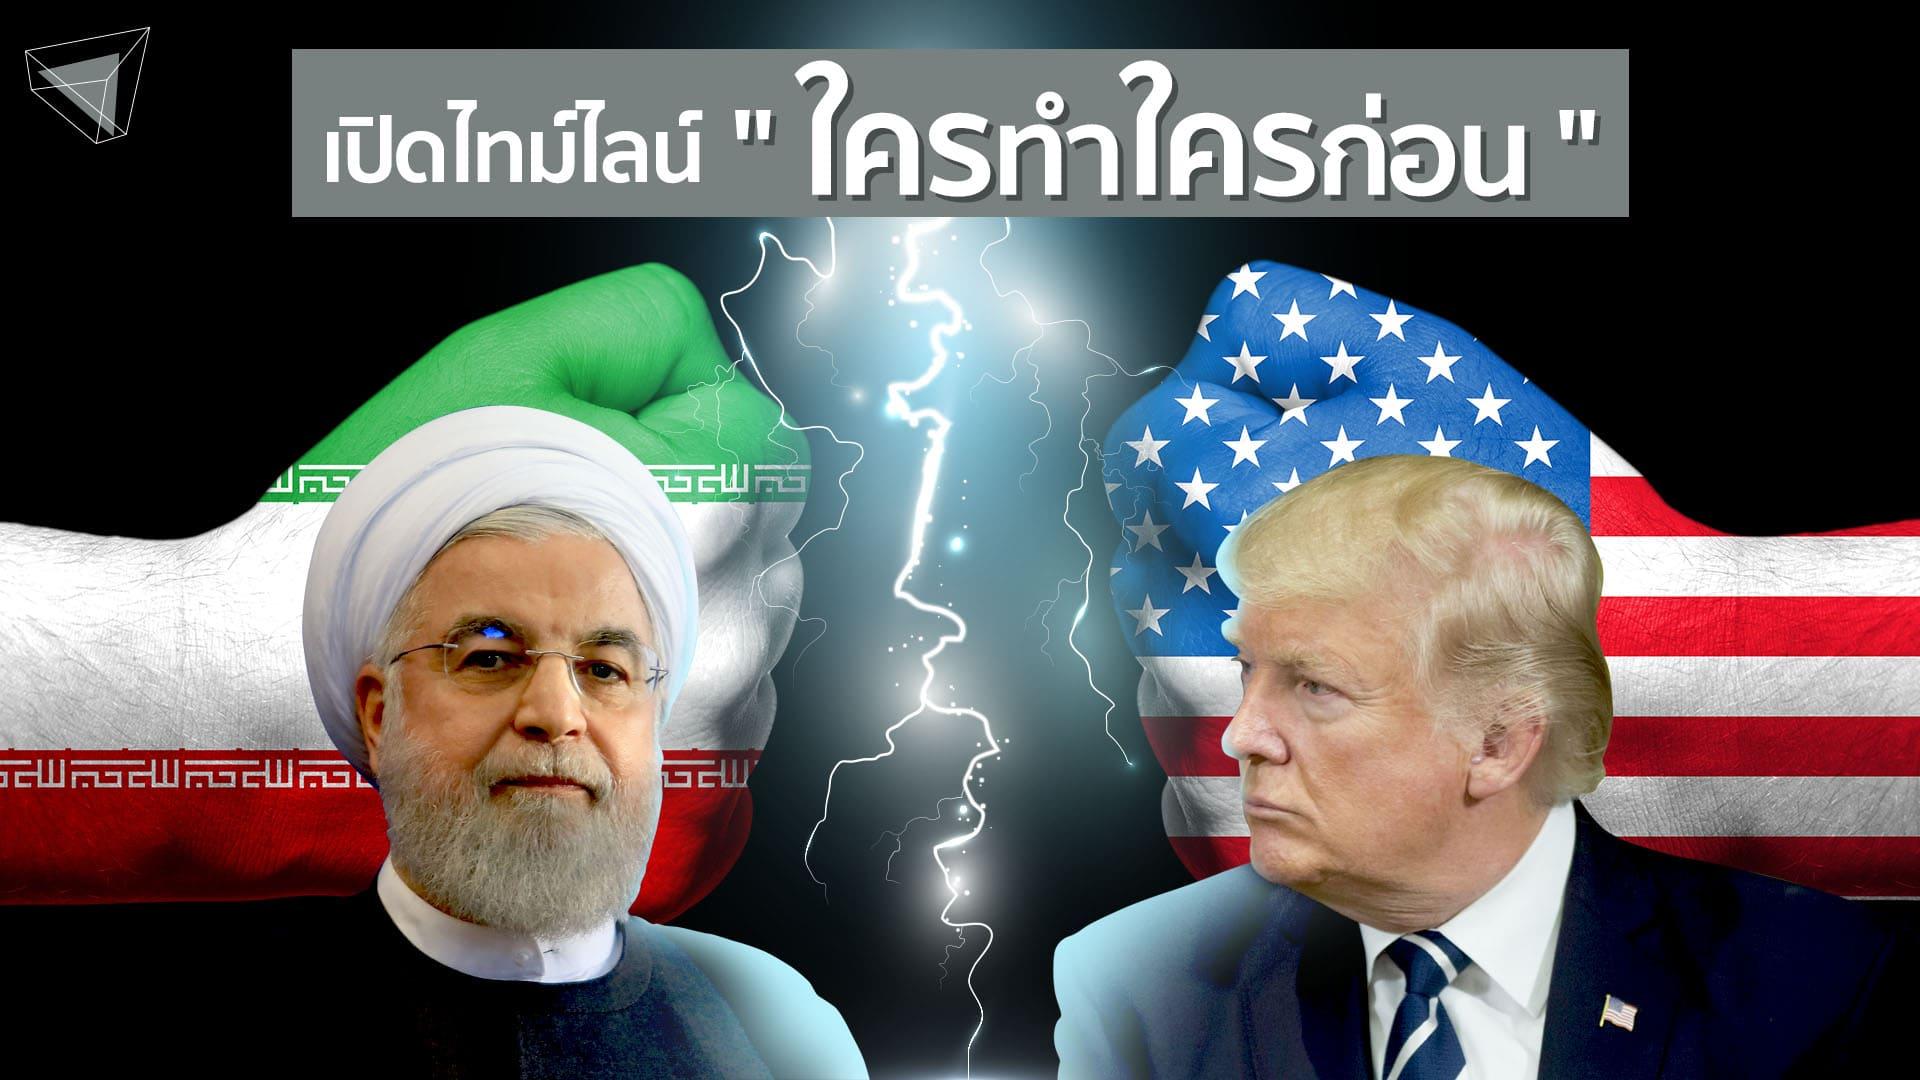 สงครามโลกครั้งที่ 3 อิหร่าน สหรัฐ